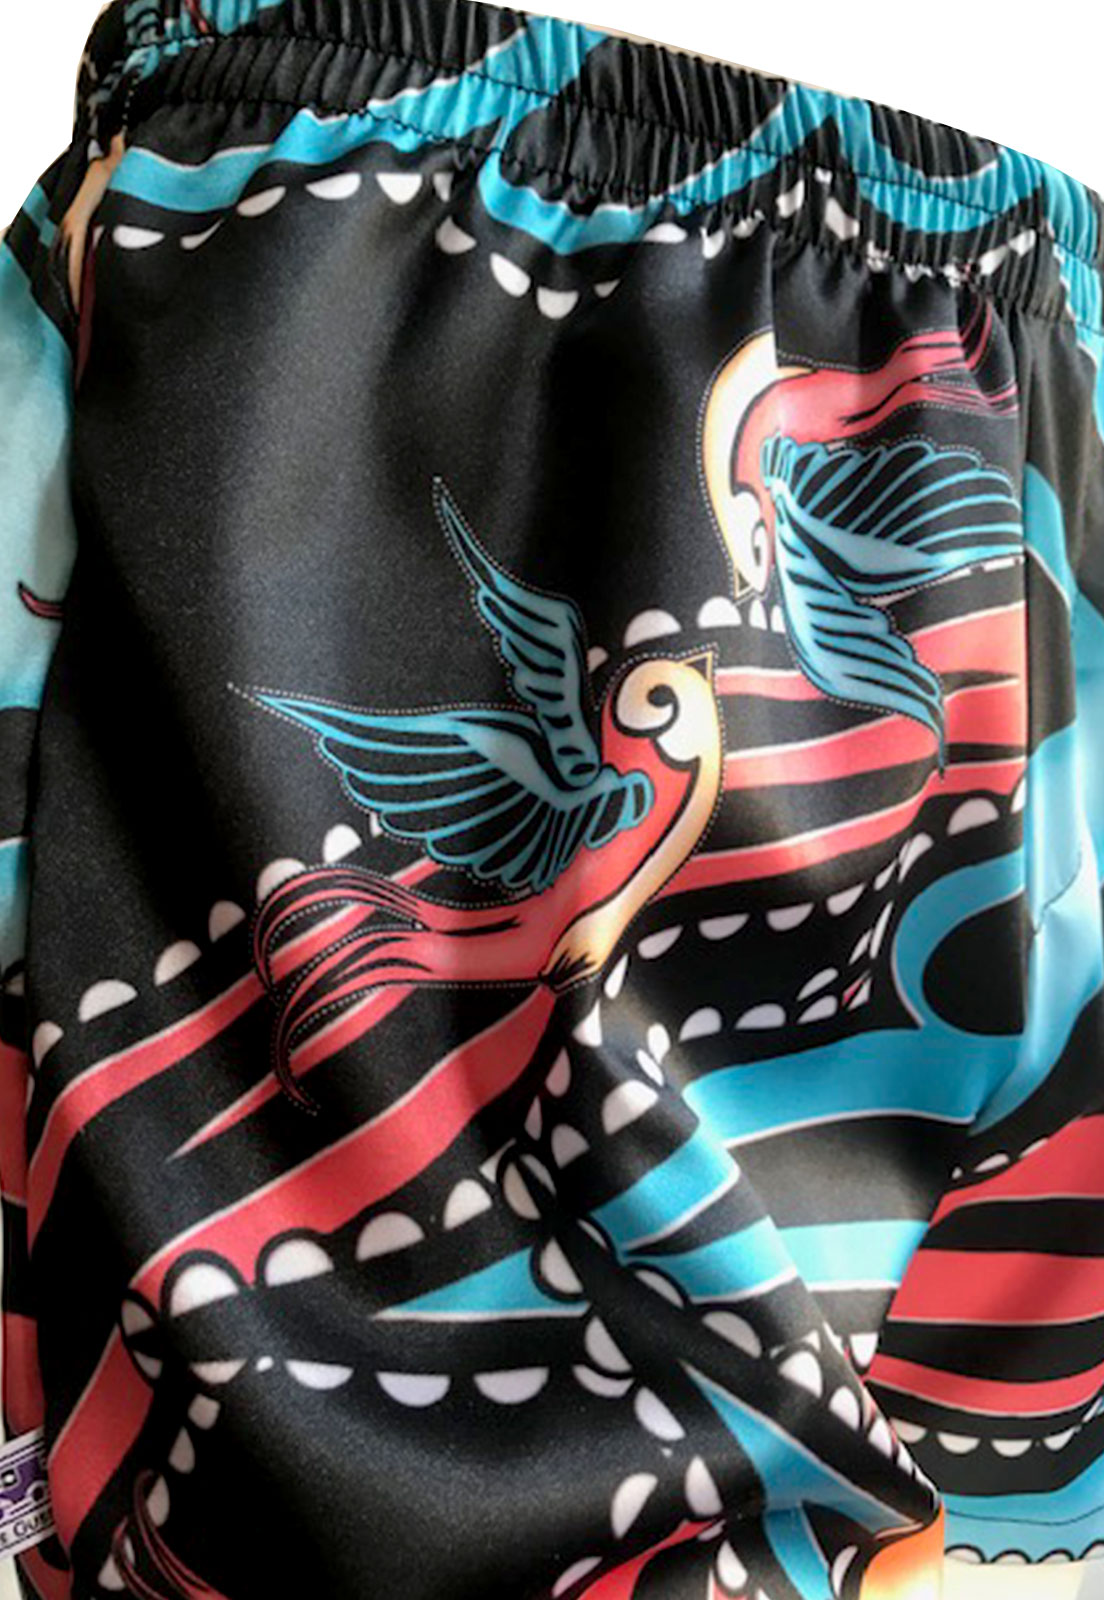 Cueca Shorts - Samba Canção Thais Gusmão Masculino Andorinha Colorido